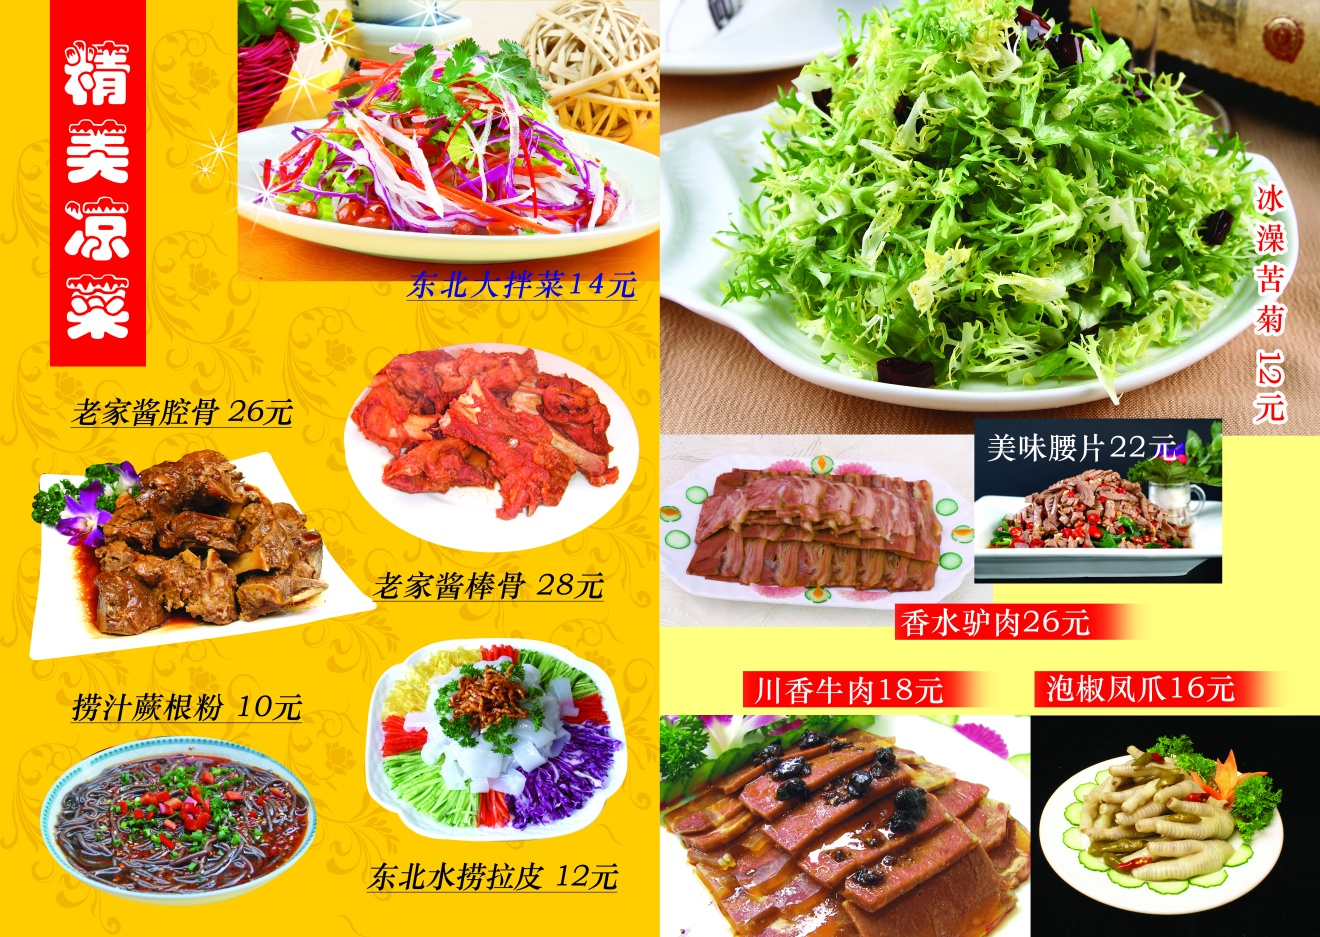 13菜谱册锅贴家常菜饭店 餐馆菜单 东北菜菜谱